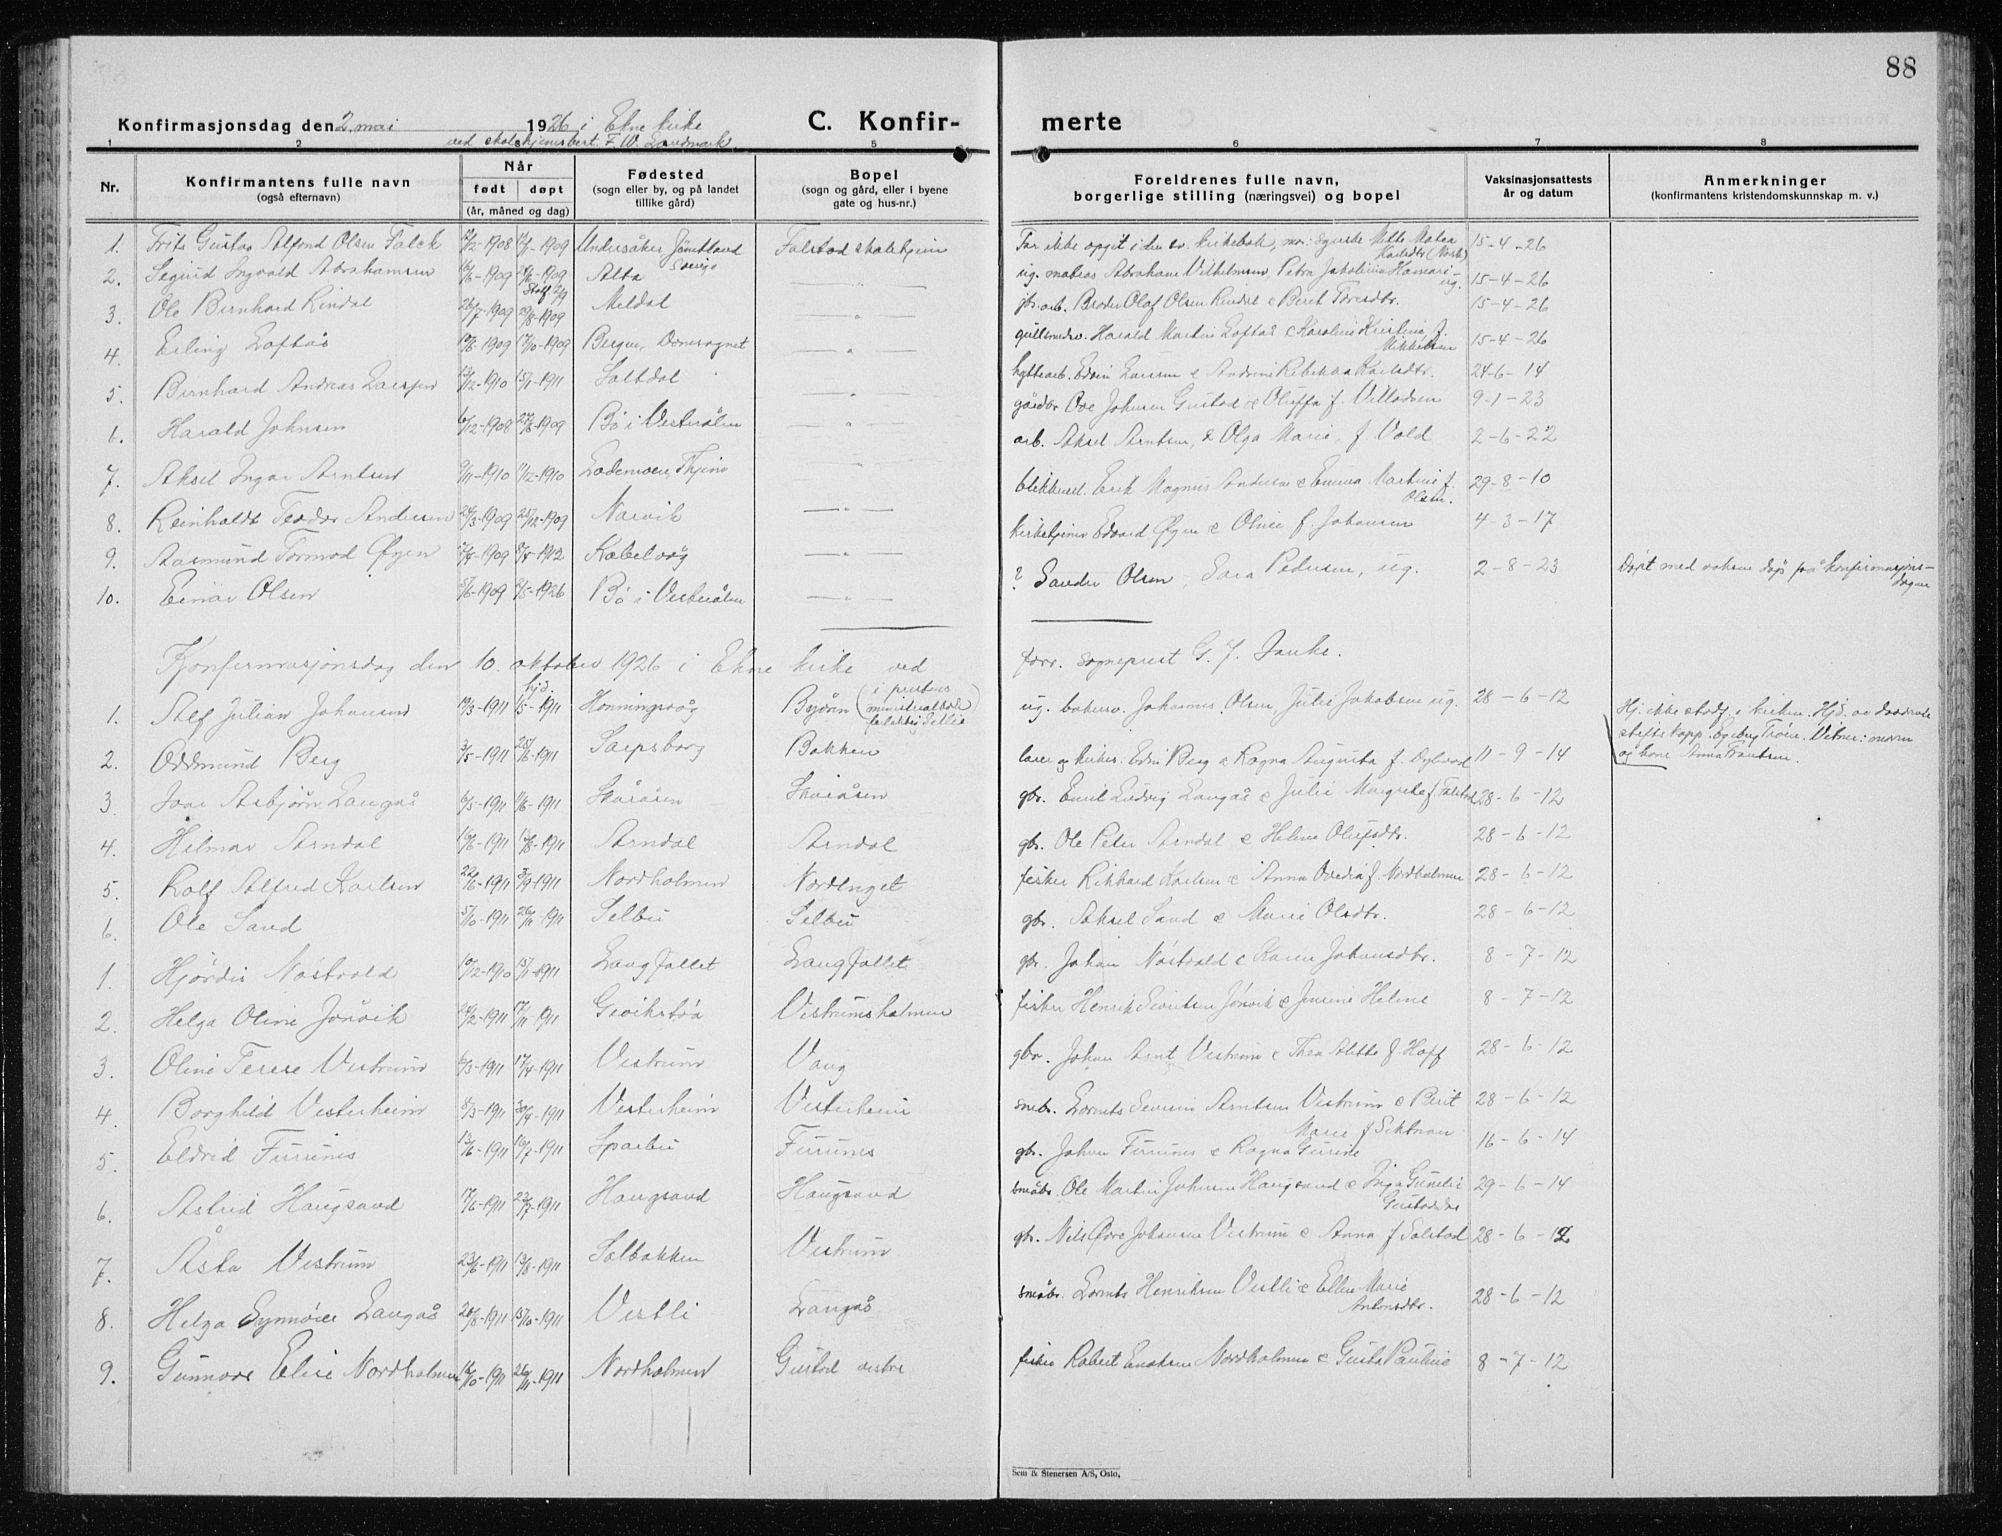 SAT, Ministerialprotokoller, klokkerbøker og fødselsregistre - Nord-Trøndelag, 719/L0180: Klokkerbok nr. 719C01, 1878-1940, s. 88